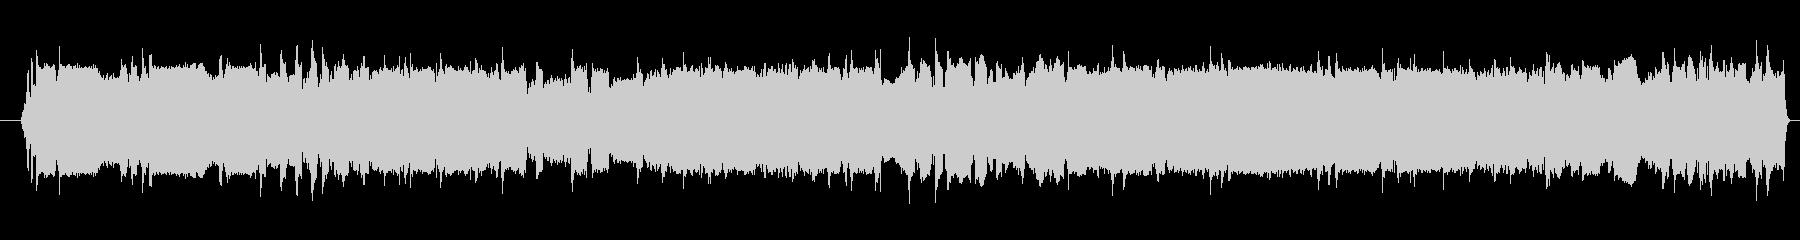 ノイズ デジタルエラーHigh 01の未再生の波形